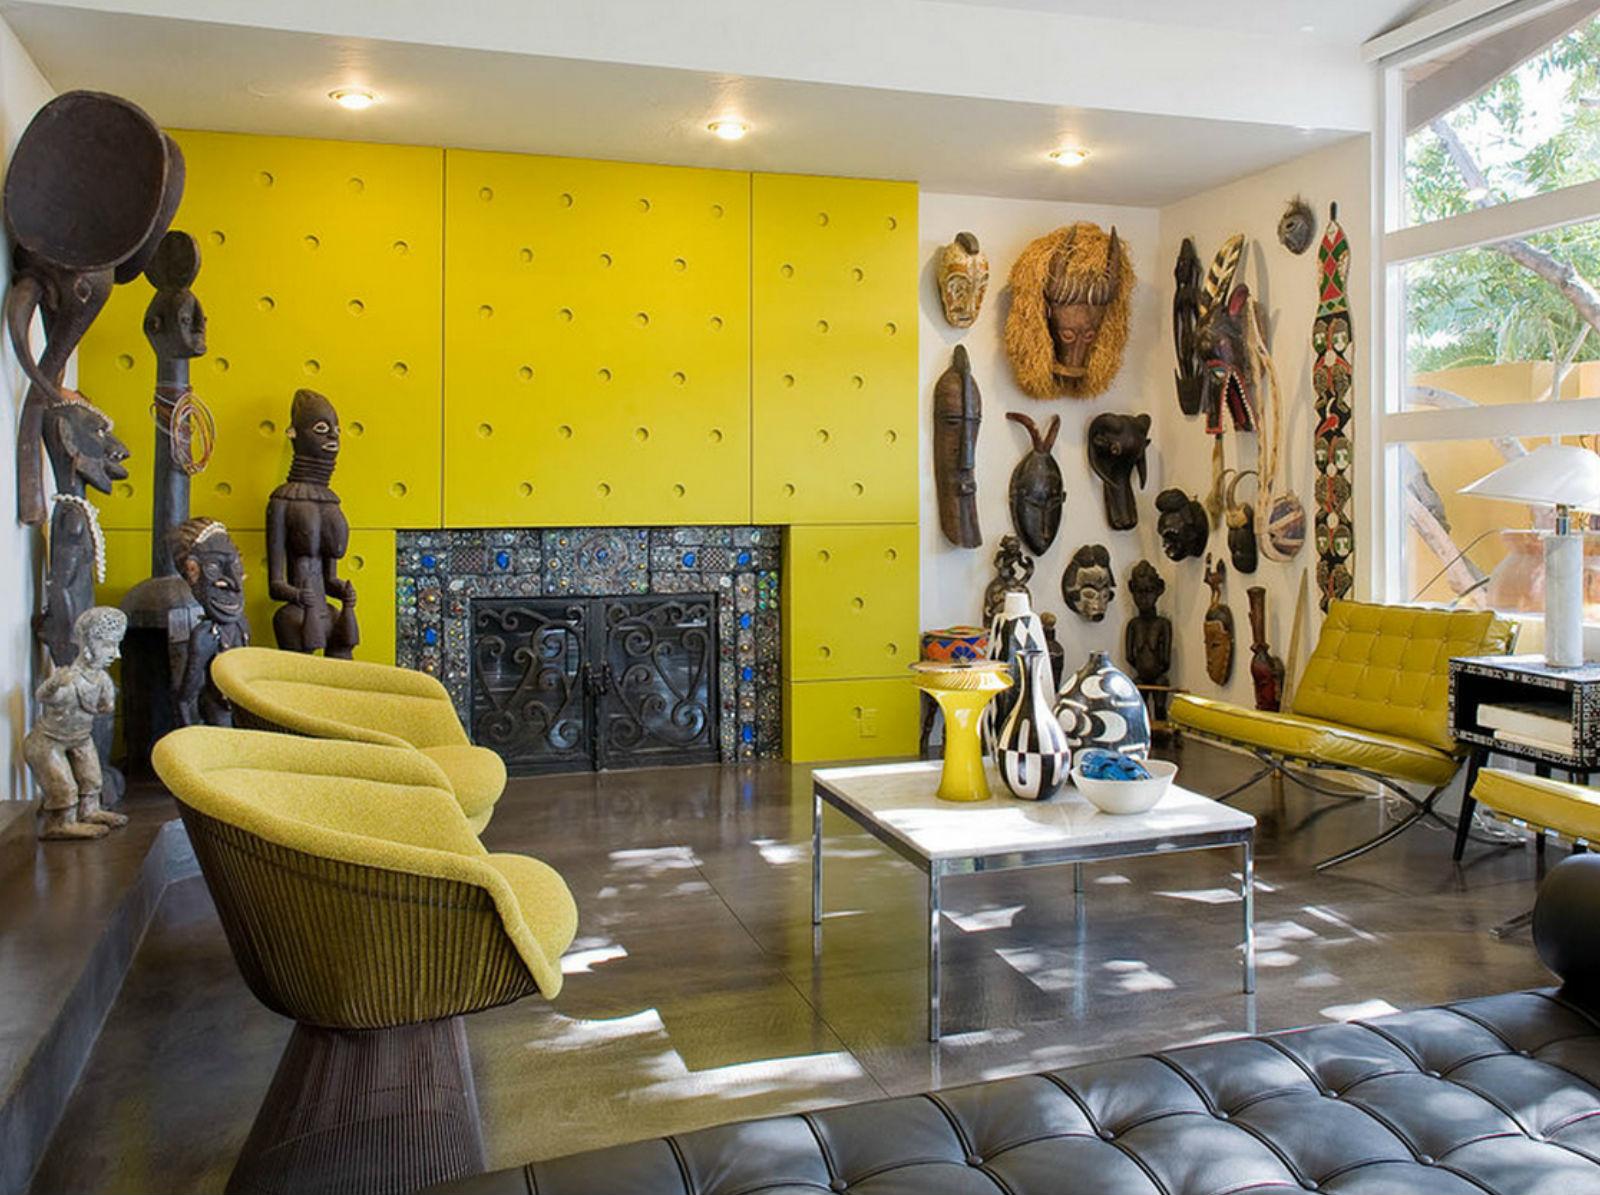 Желтая стена и кресла в гостиной